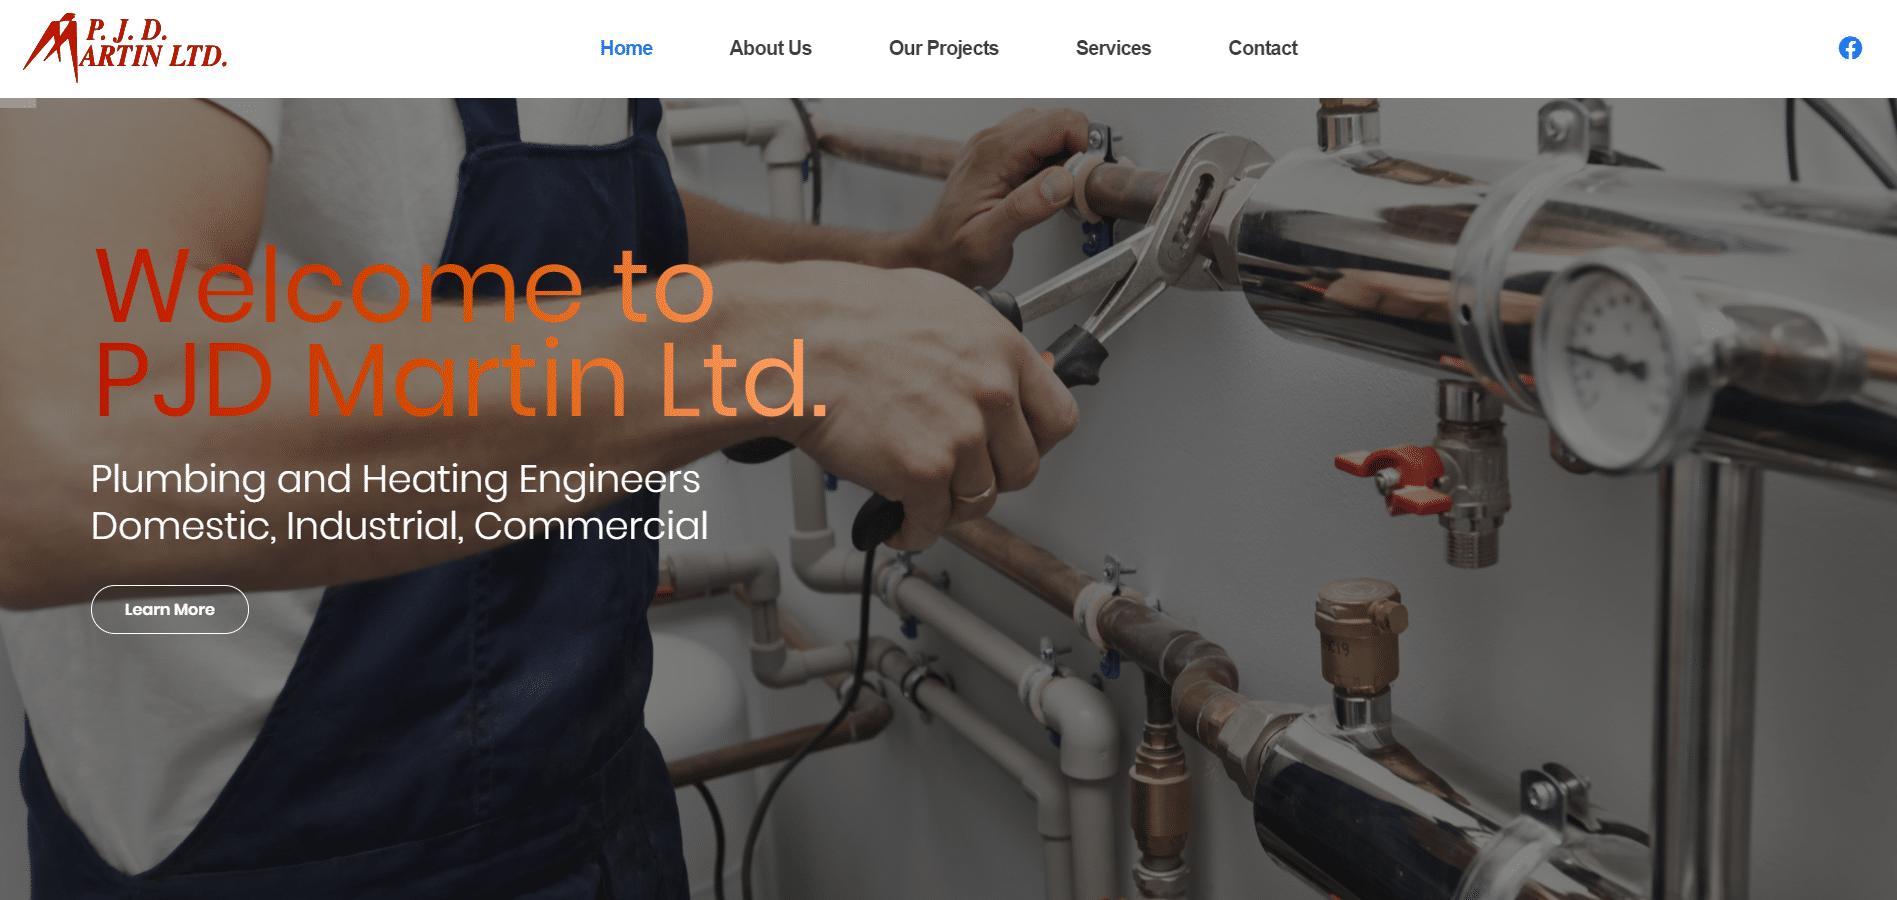 Website Design 6  - Kernel IT Services